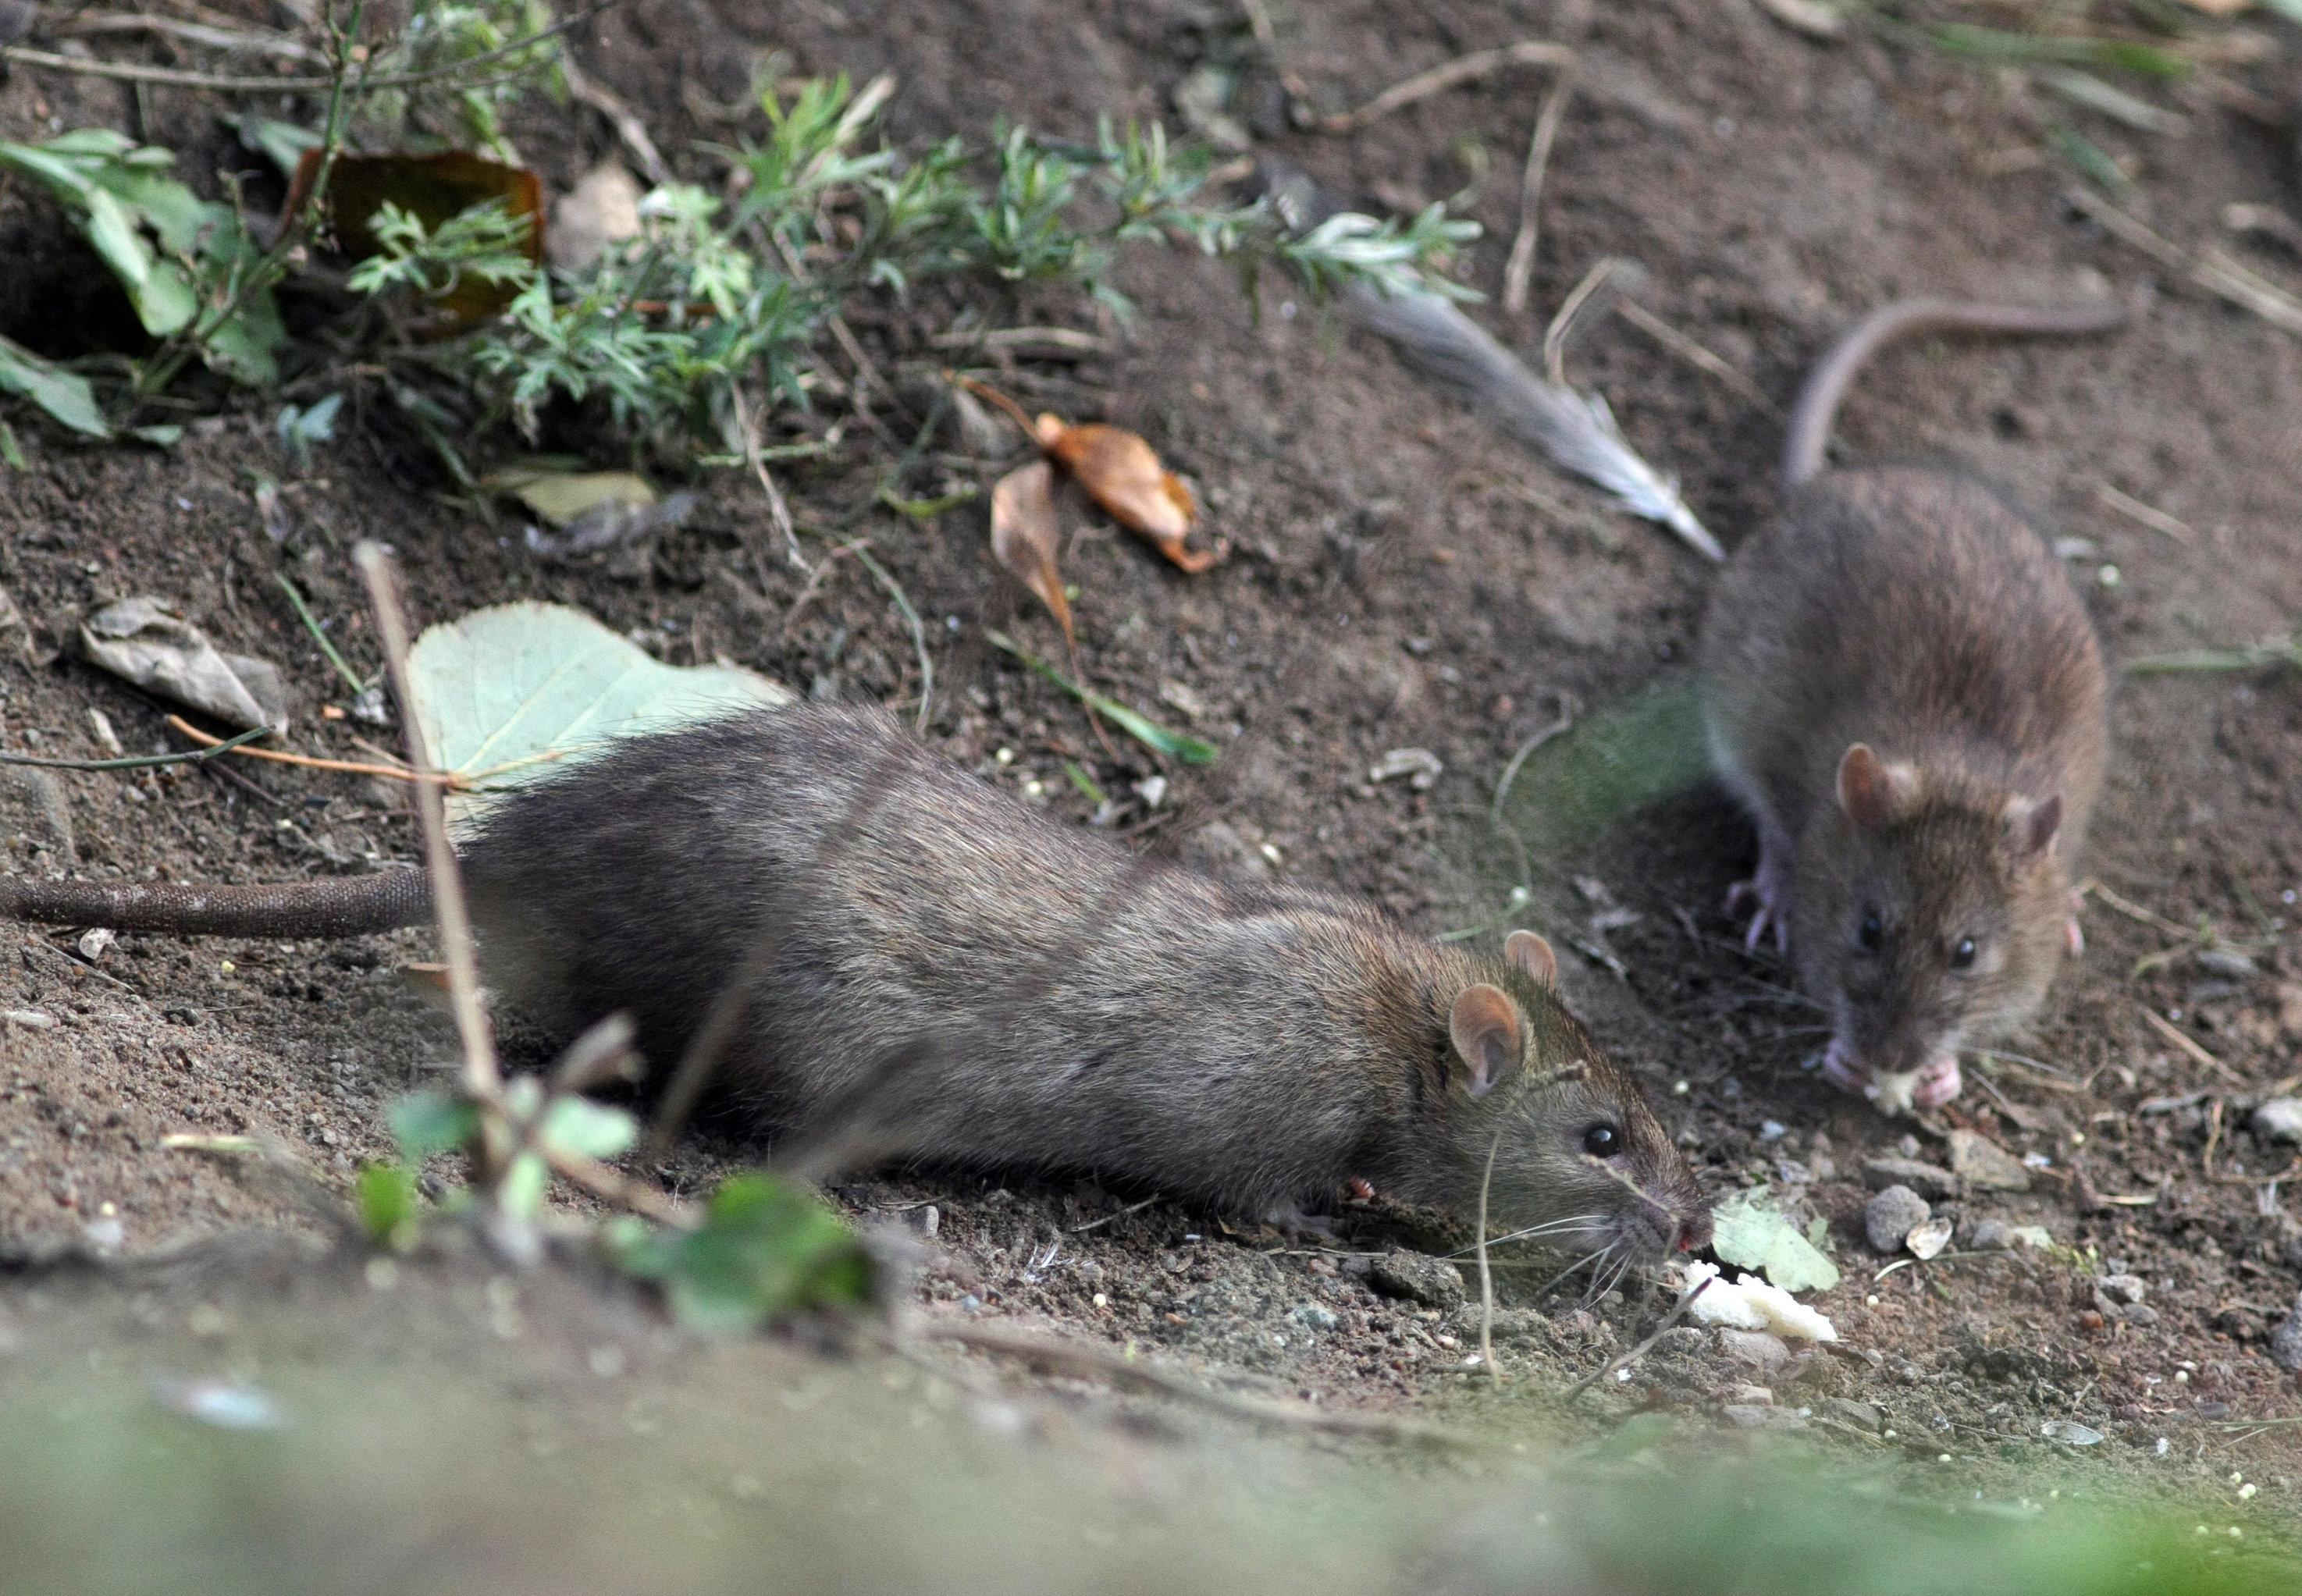 Las ratas cuentan con un 'intelecto social' por lo que podrían ocupar el lugar de los humanos en el planeta